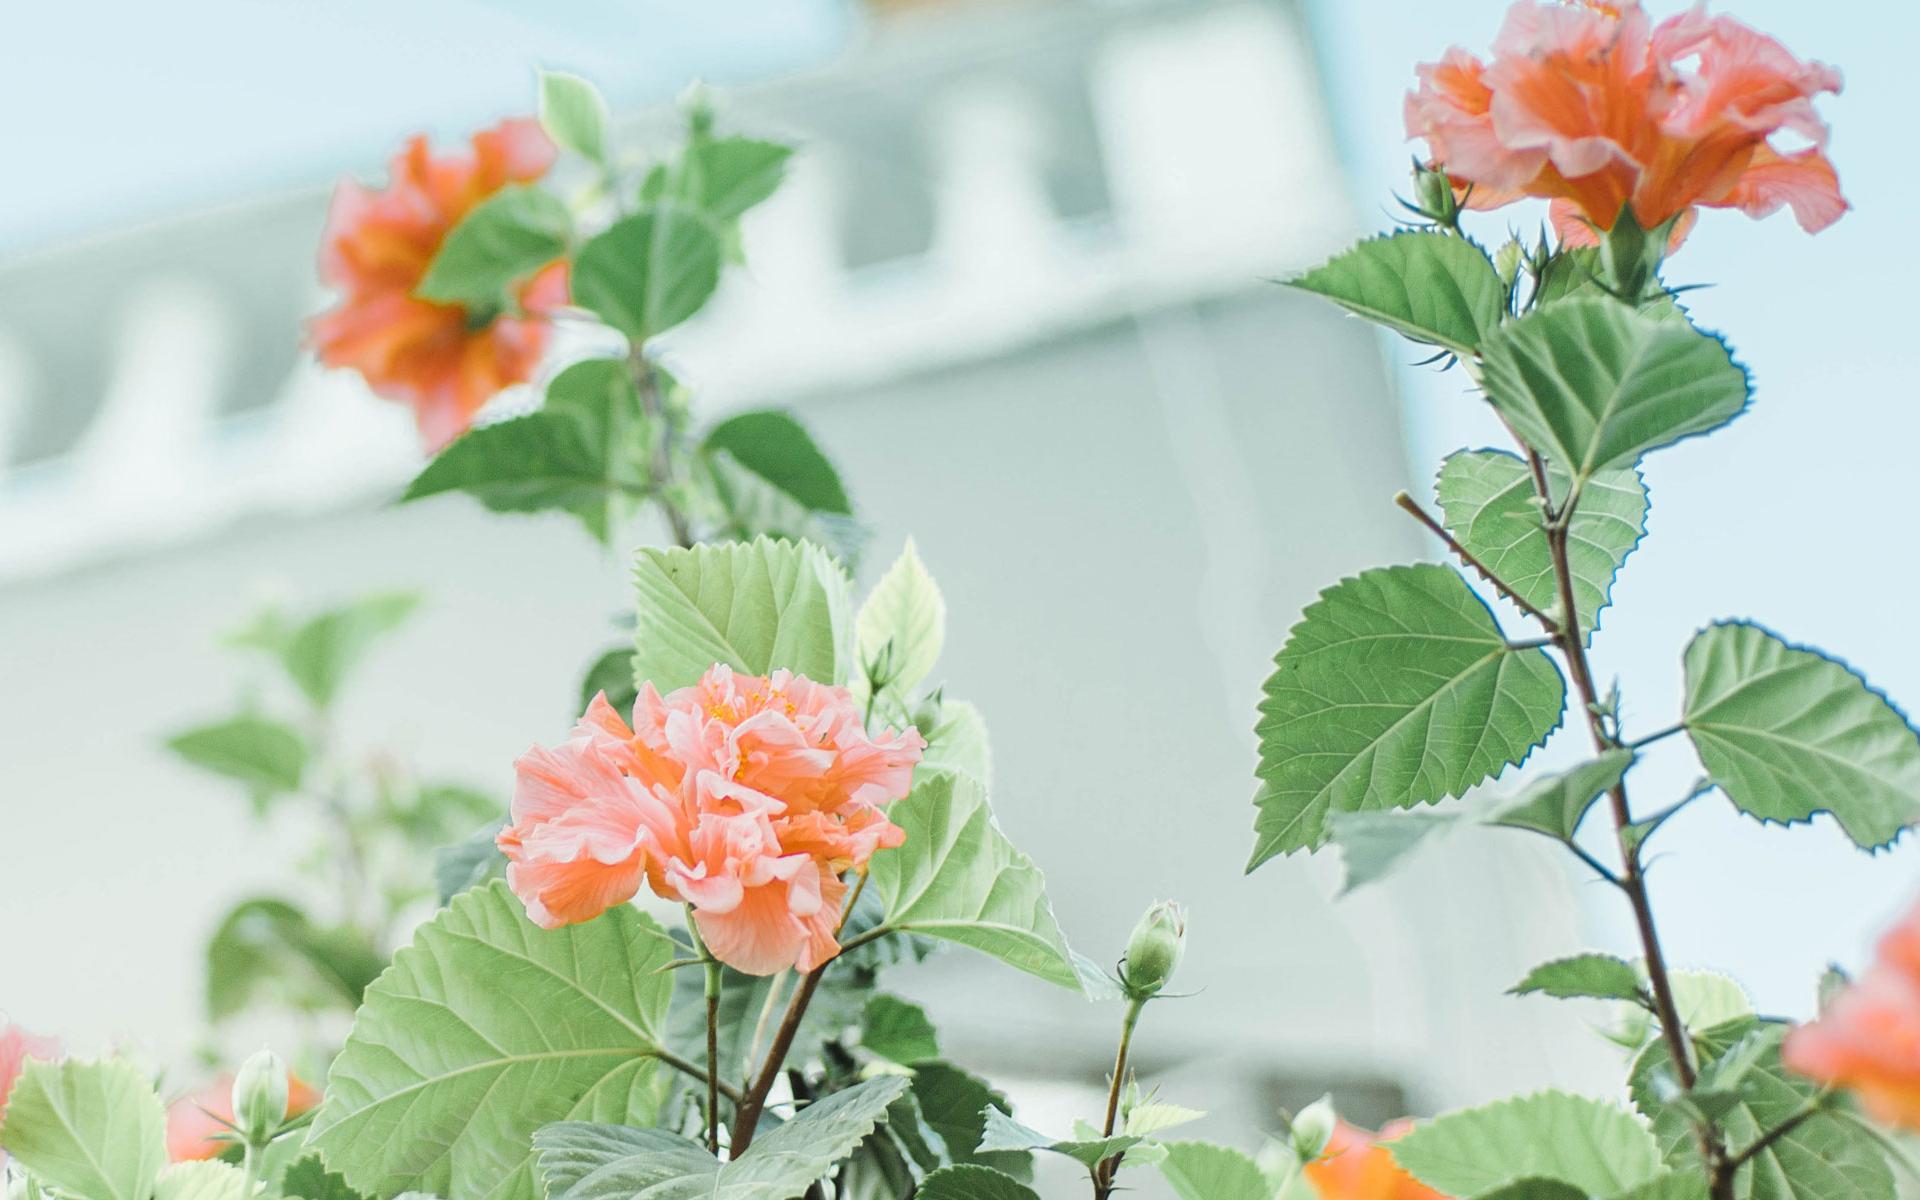 成都双流区植物租赁:绿植的美丽以及好处